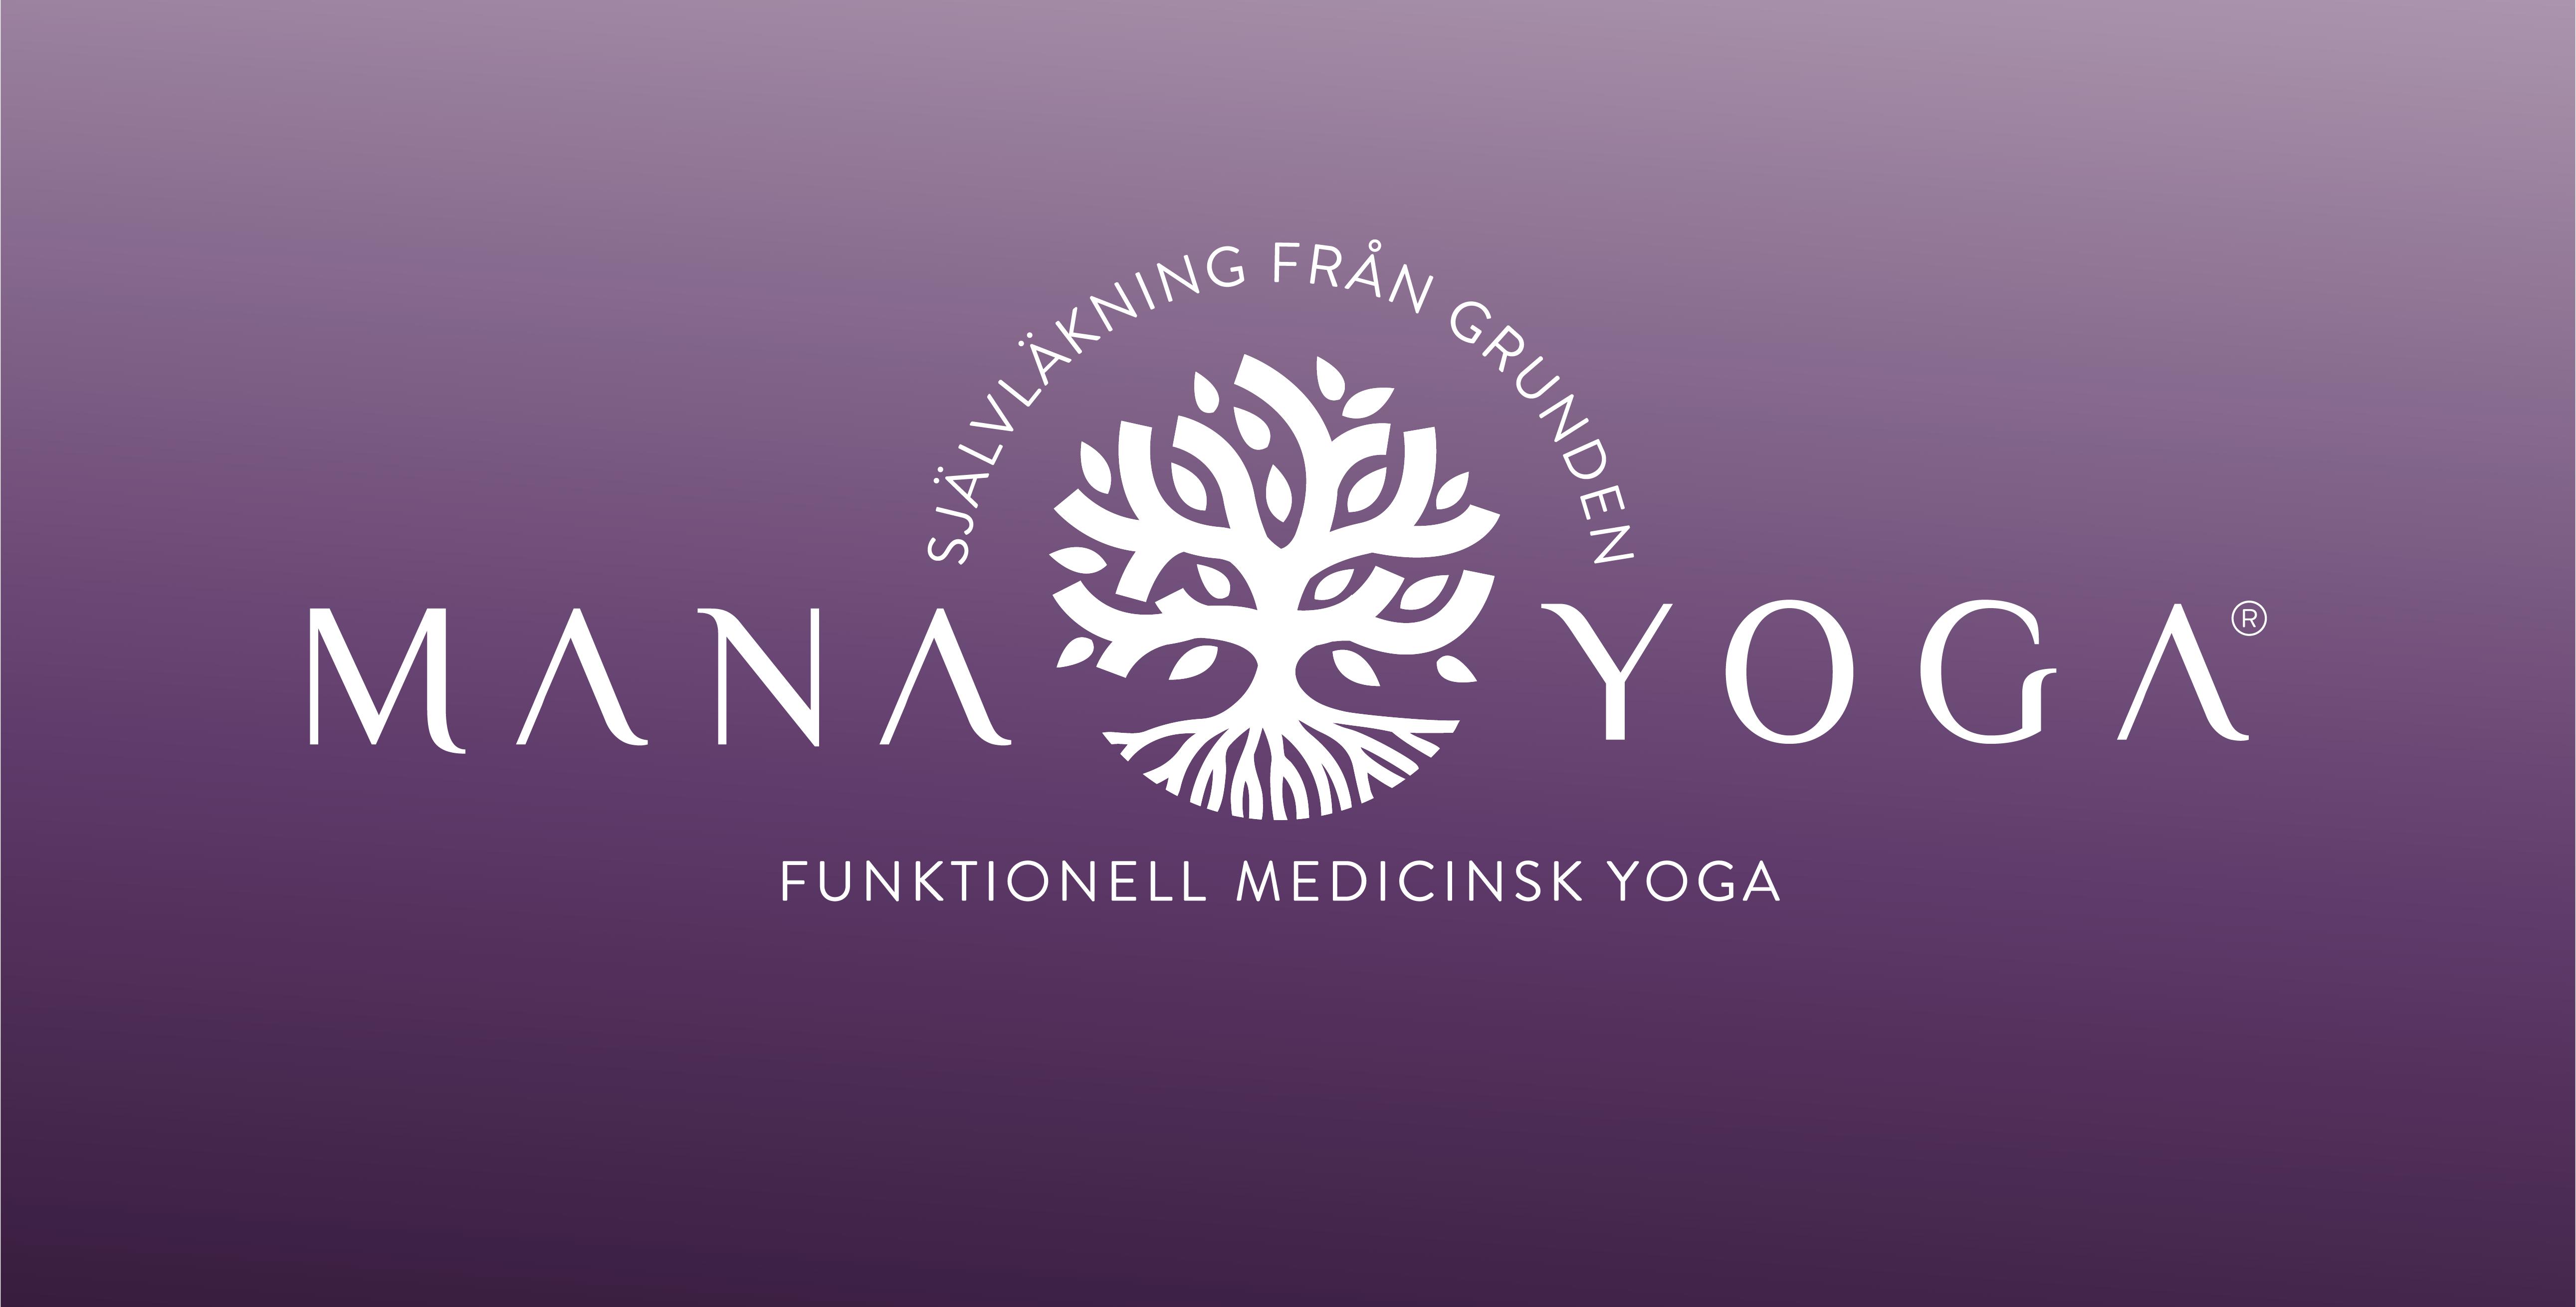 ManaYoga - Funktionell Medicinsk Yoga